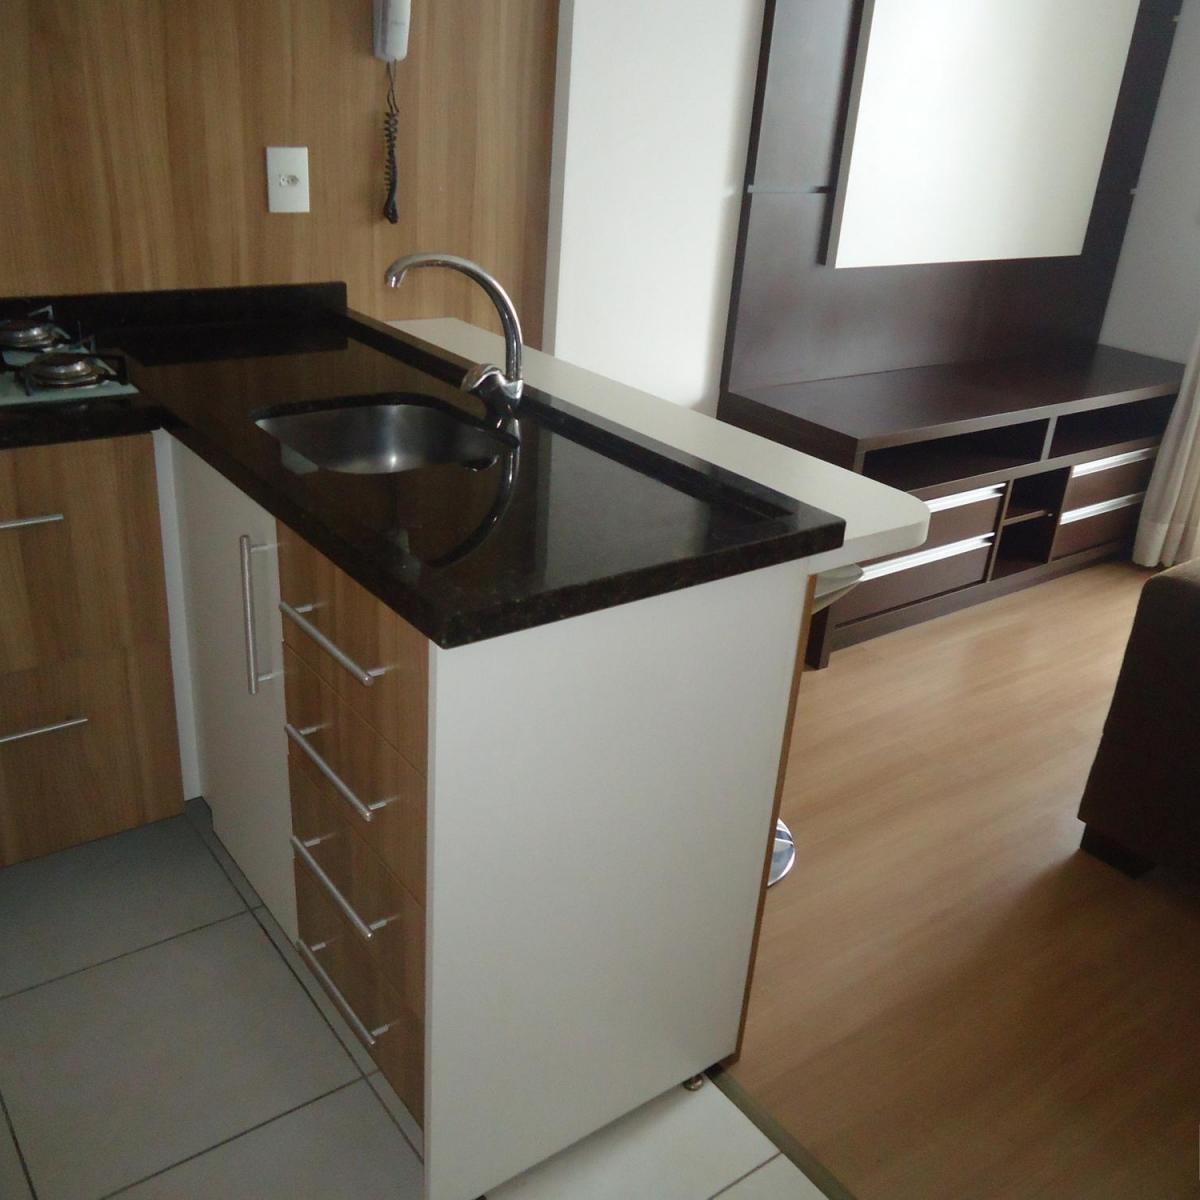 Imagens de #5F4930 Apartamento para aluguel com 1 Quarto Centro Curitiba R$ 1.300 48  1200x1200 px 2810 Box Banheiro Manchado